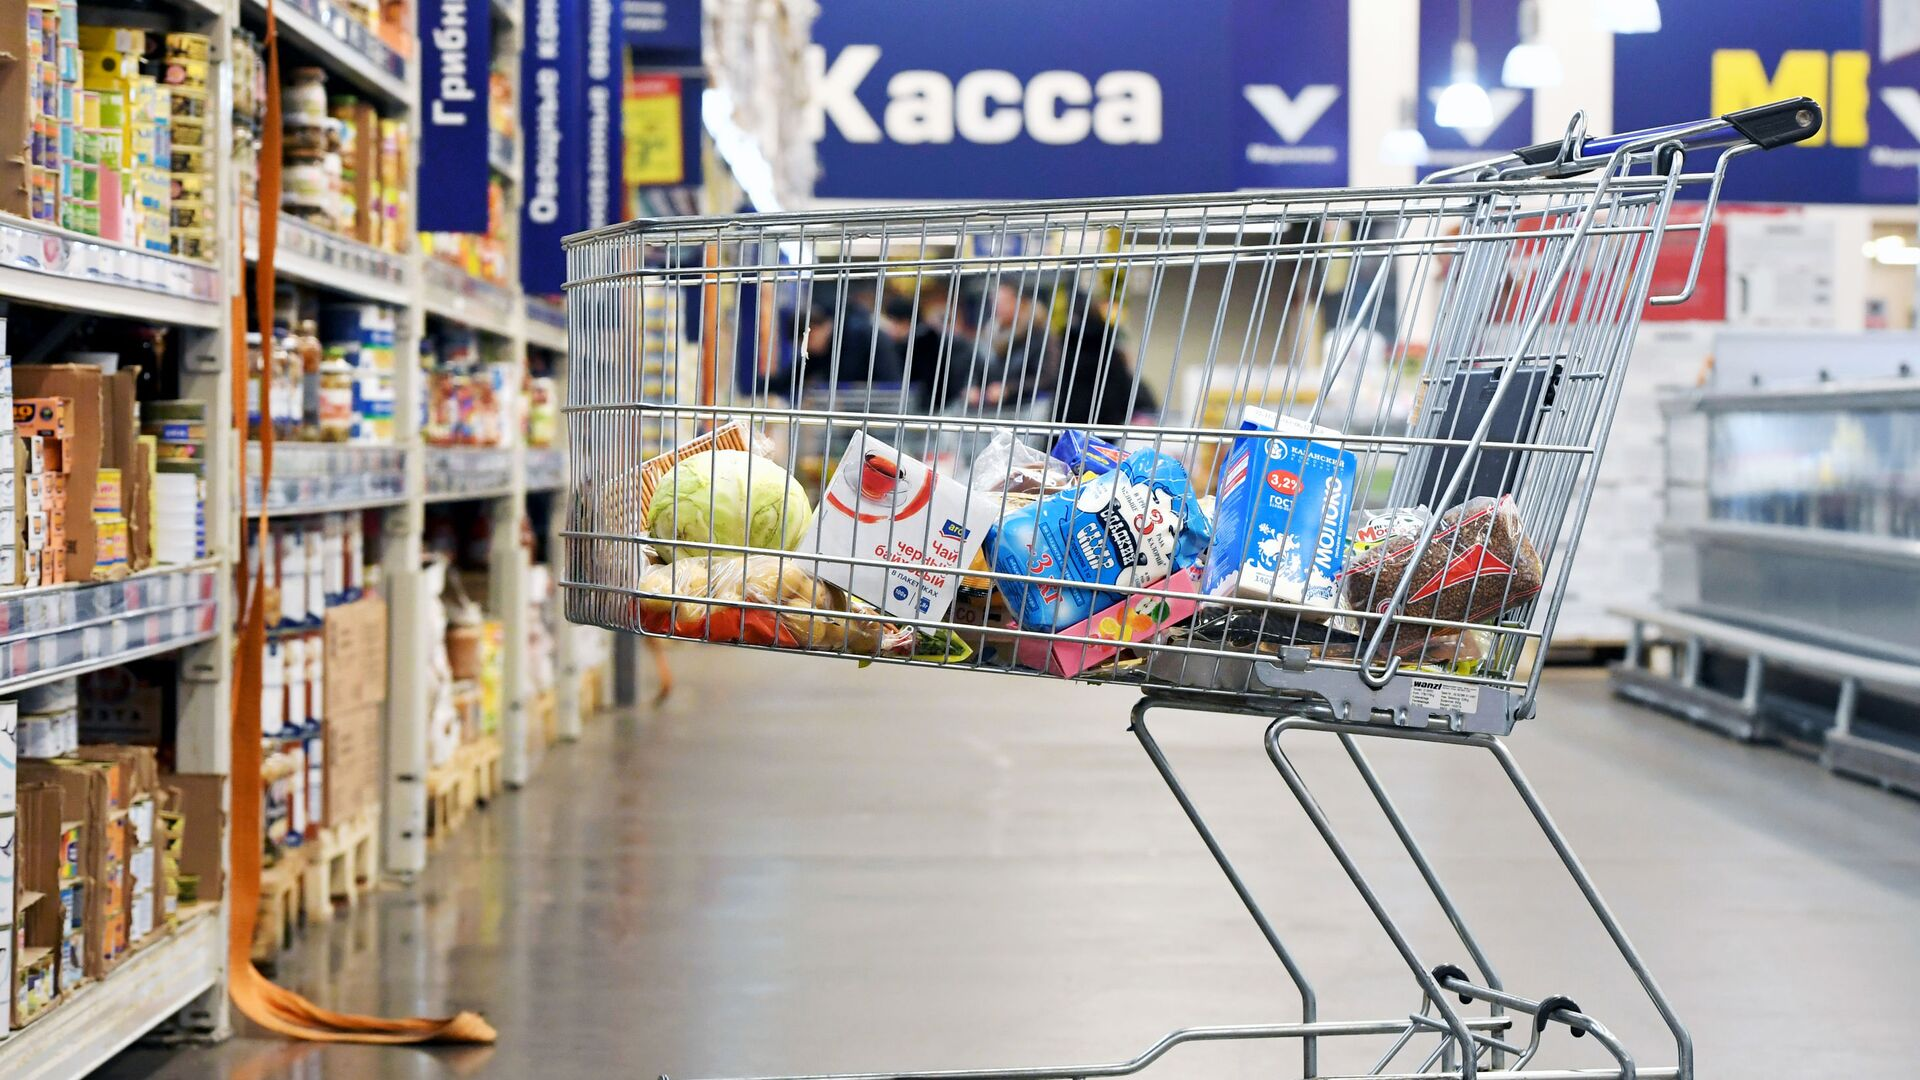 Тележка с продуктами в супермаркете - РИА Новости, 1920, 03.06.2021